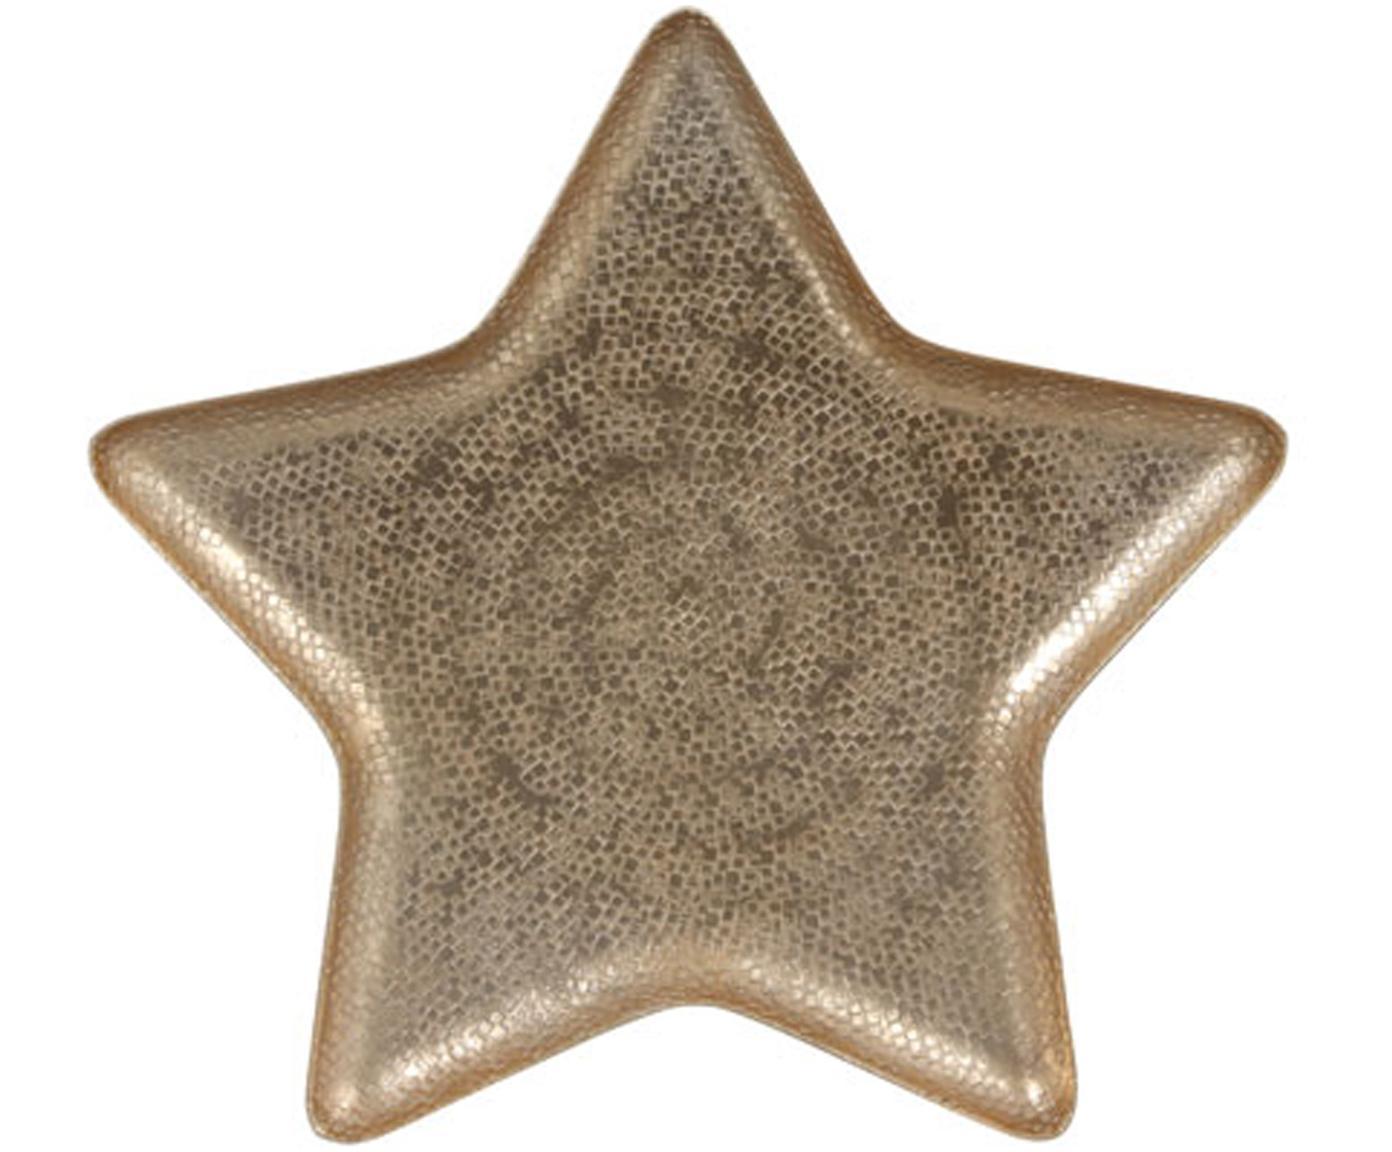 Ciotola decorativa Star, Alluminio rivestito, Ottone opaco, Larg. 25 x Alt. 2 cm